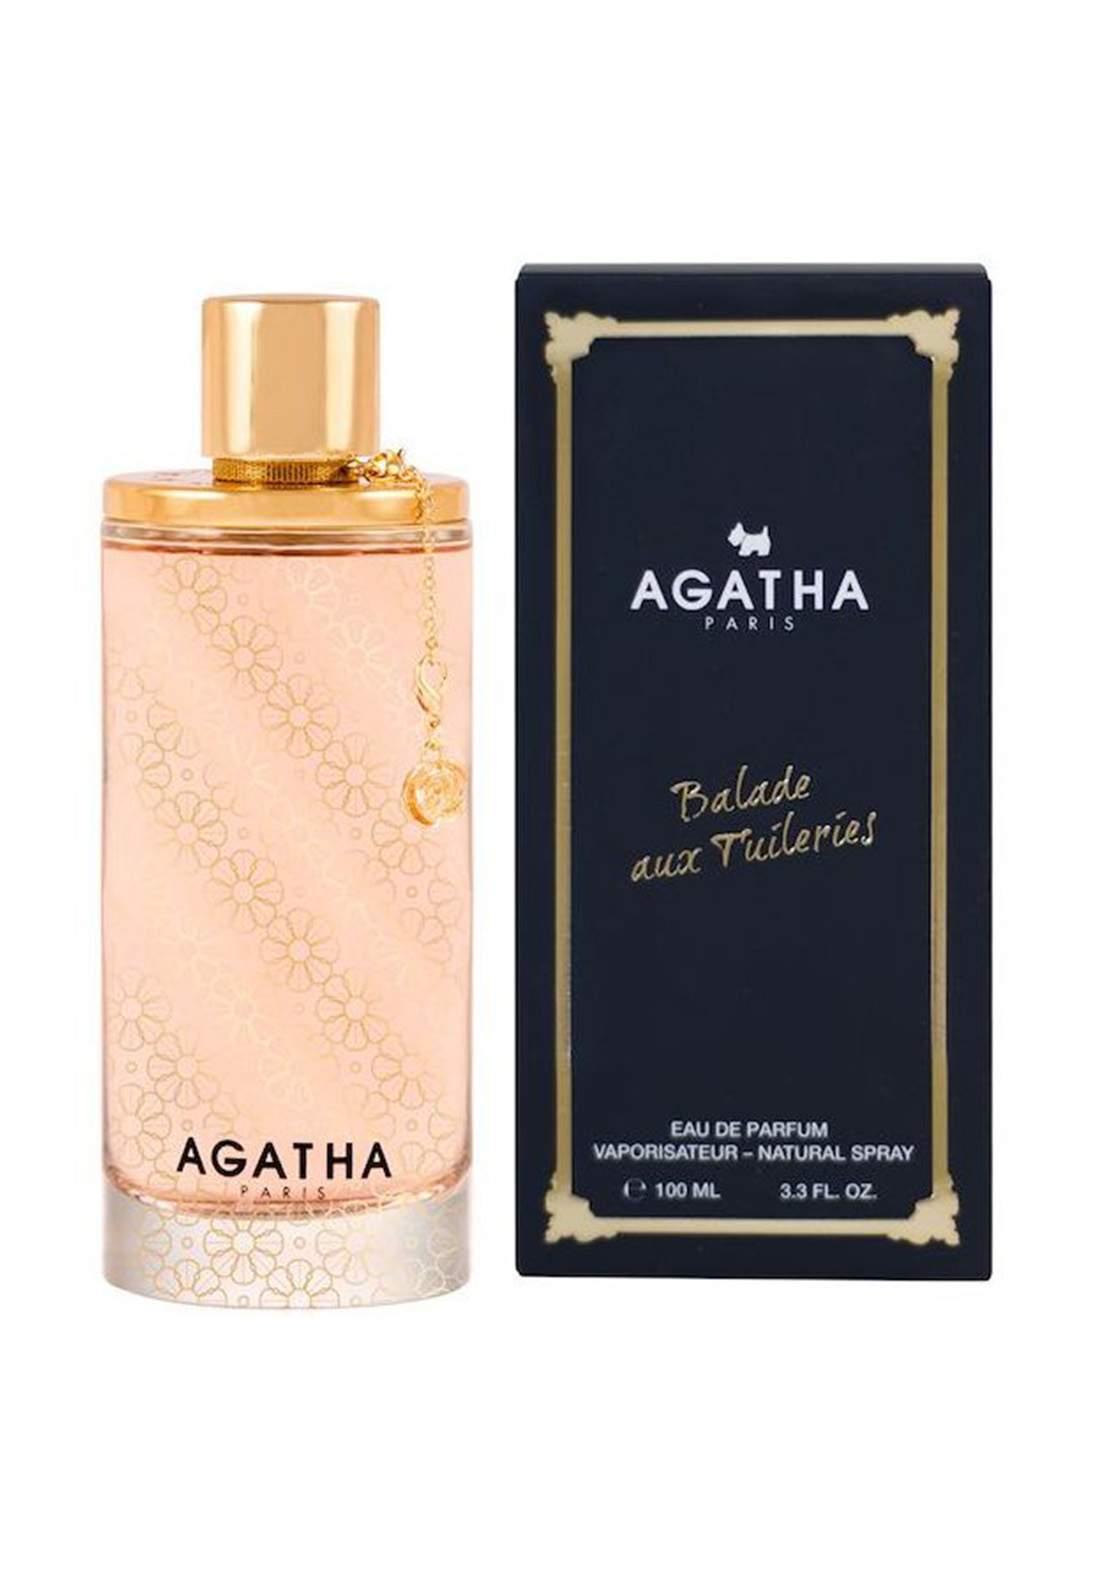 Agatha Paris Balade Aux Tuileries EDP 100ml Perfume For Women عطر نسائي